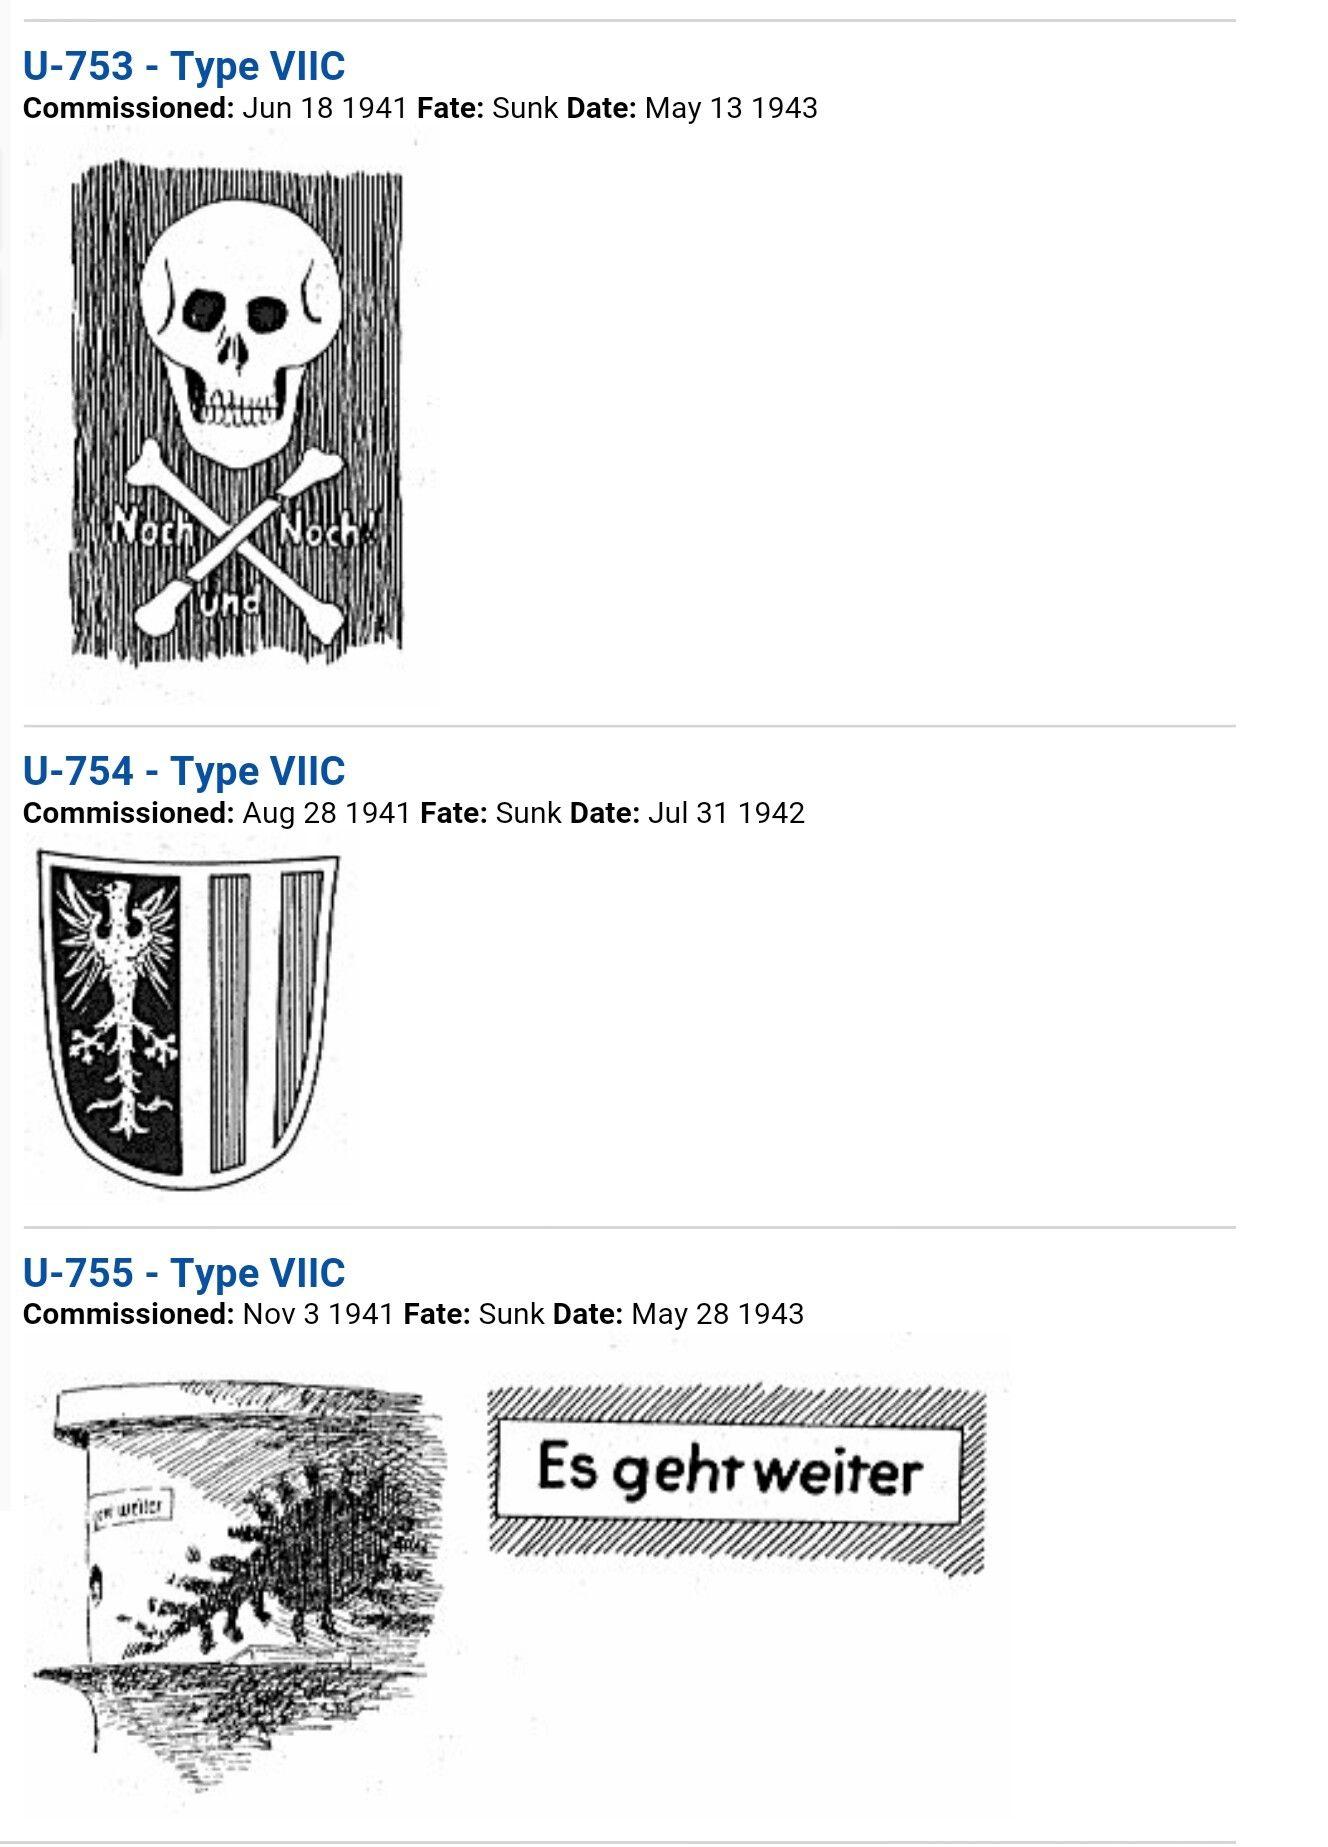 U-Boat Insignia & Emblems